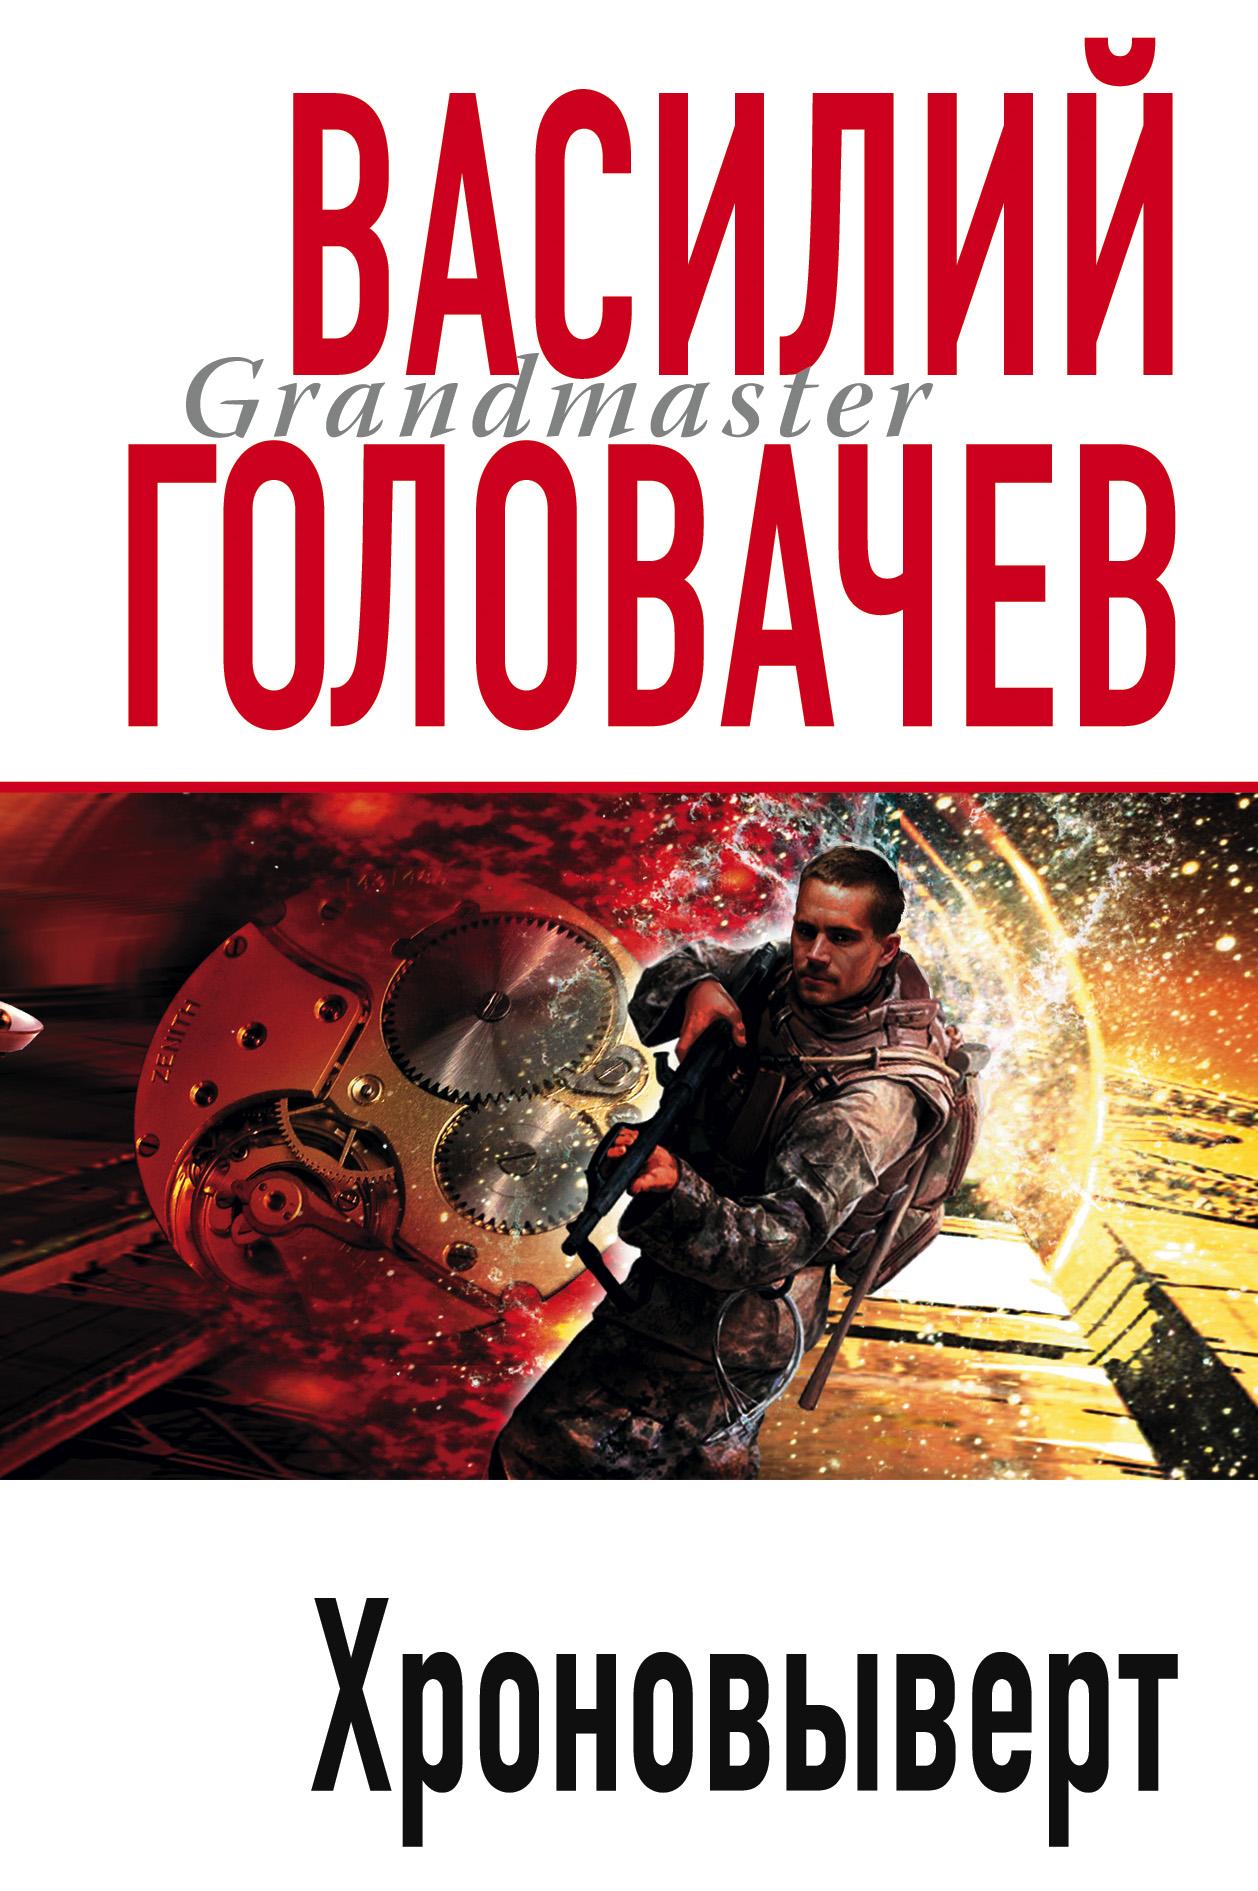 Василий Головачев Хроновыверт василий головачев реквием машине времени